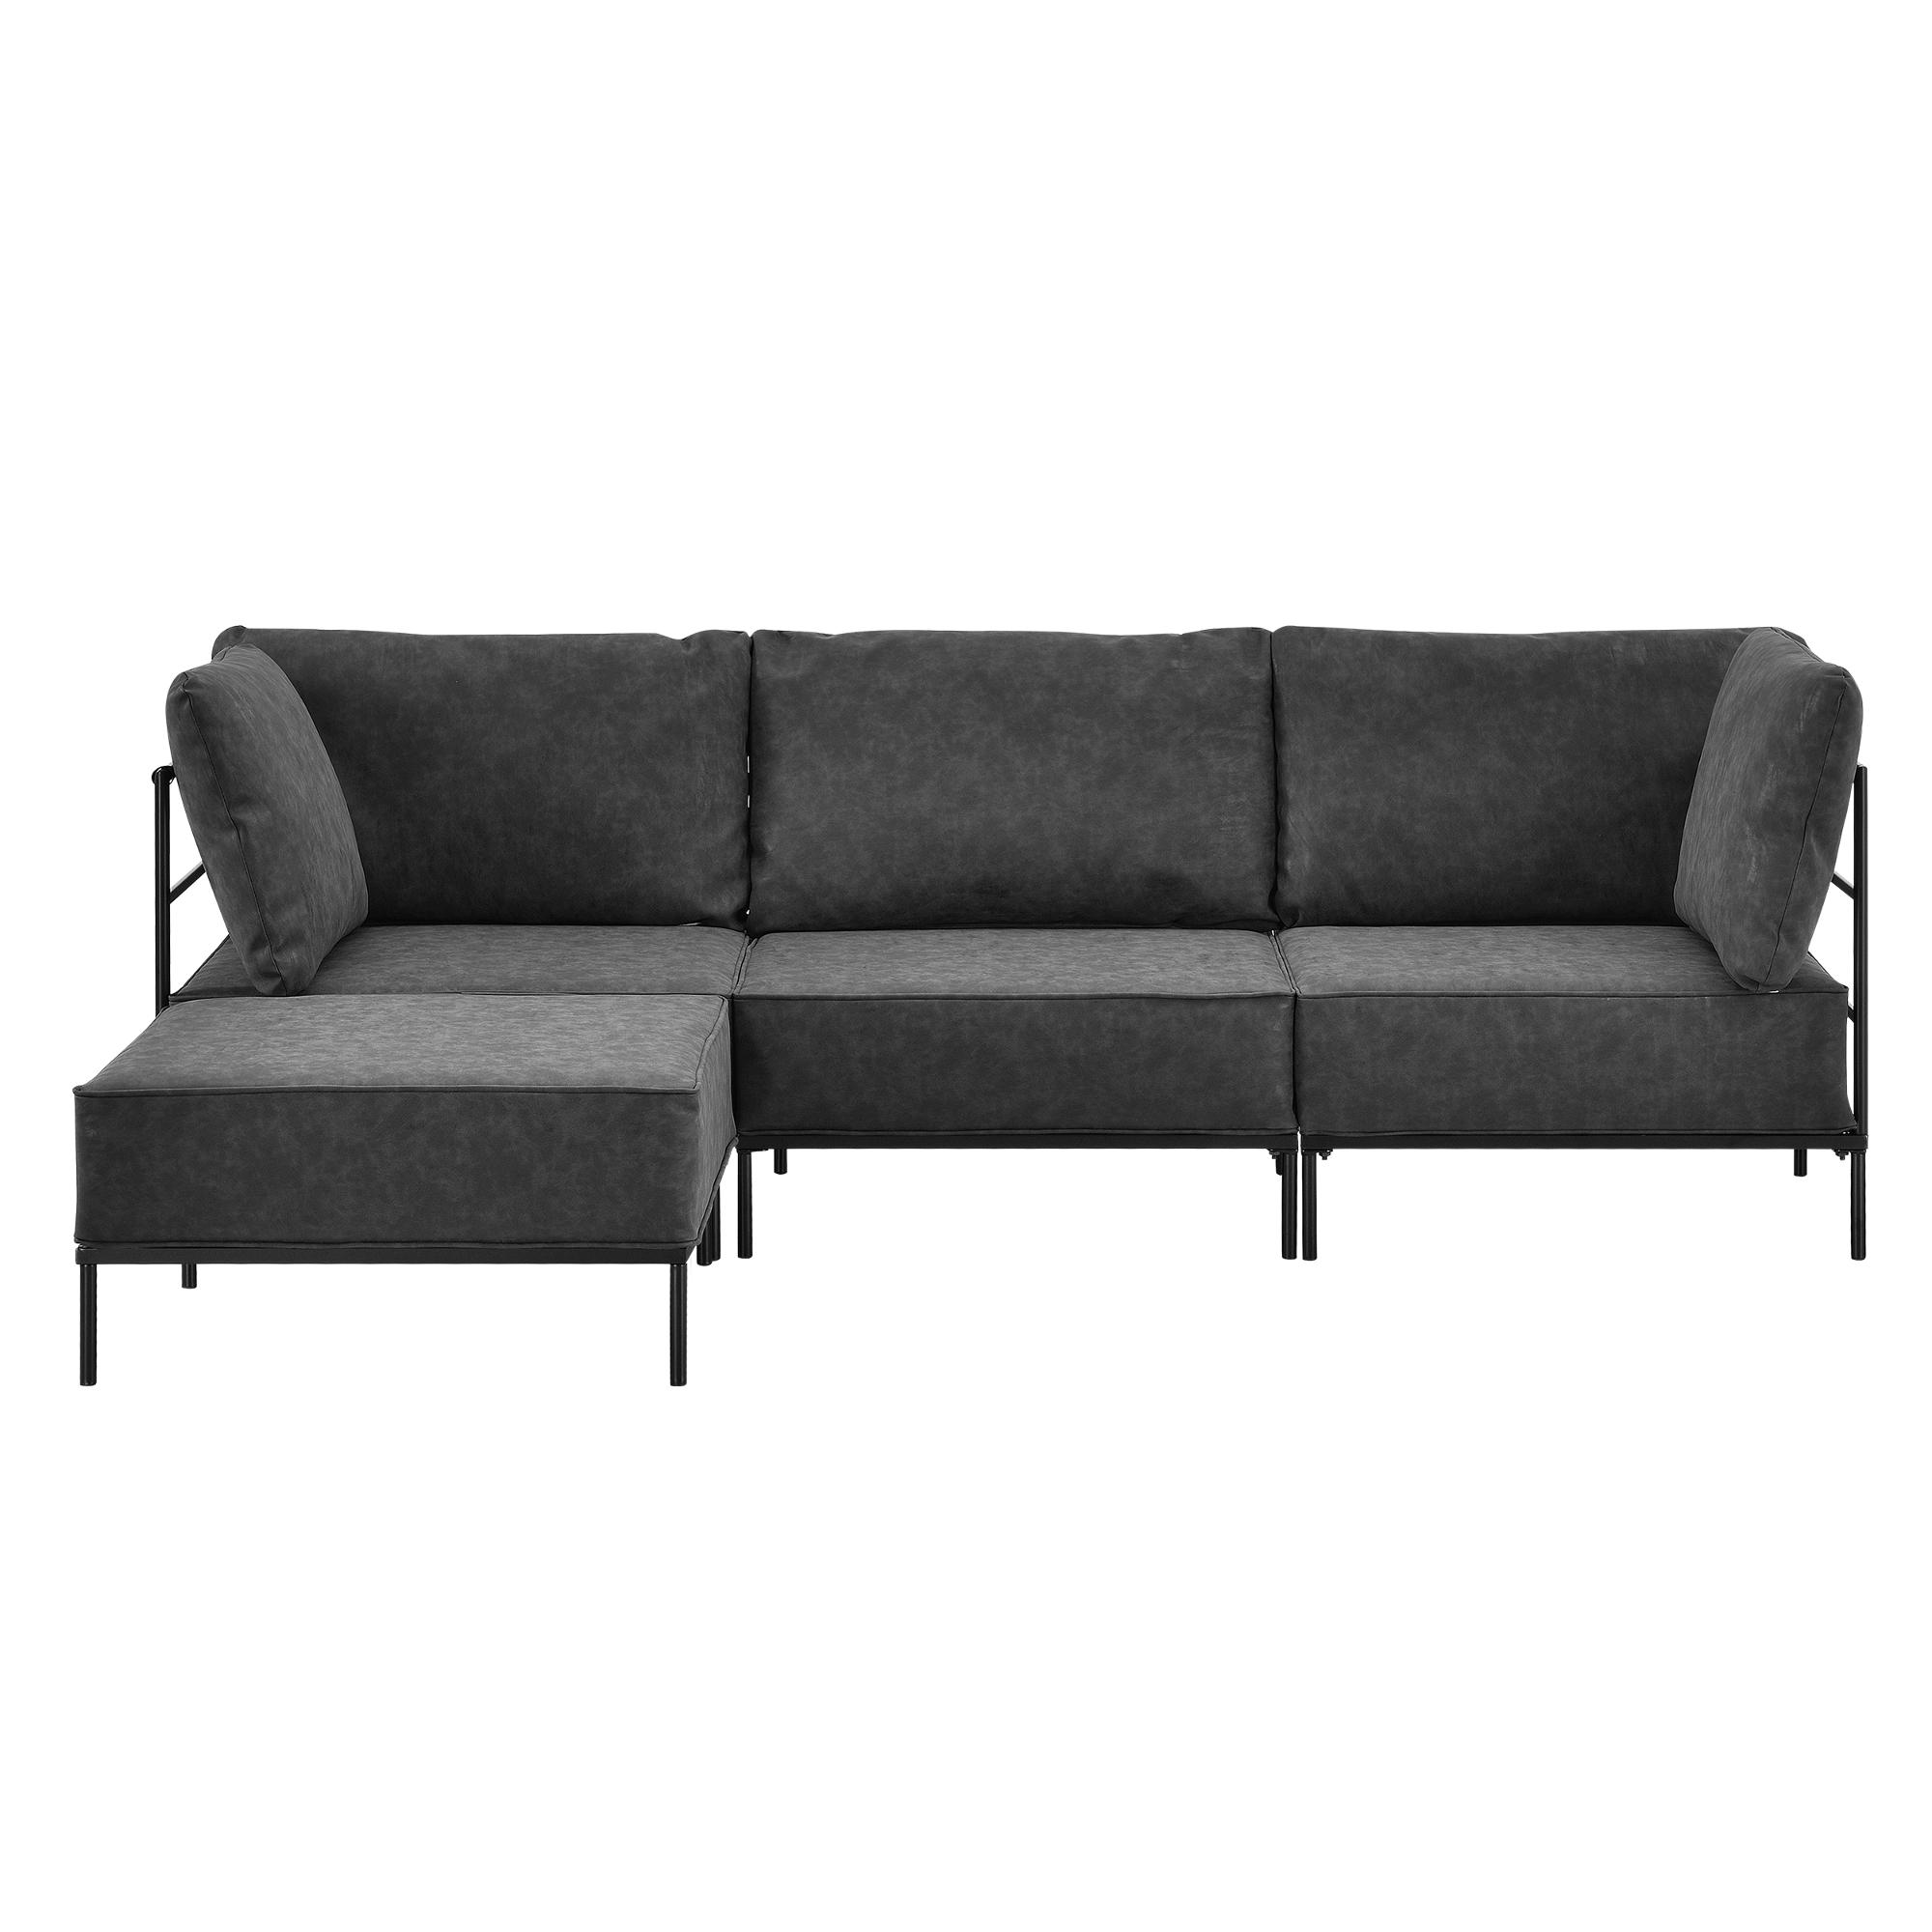 Ecksofa sofa couch eckcouch polstergarnitur for Wohnlandschaft 1301